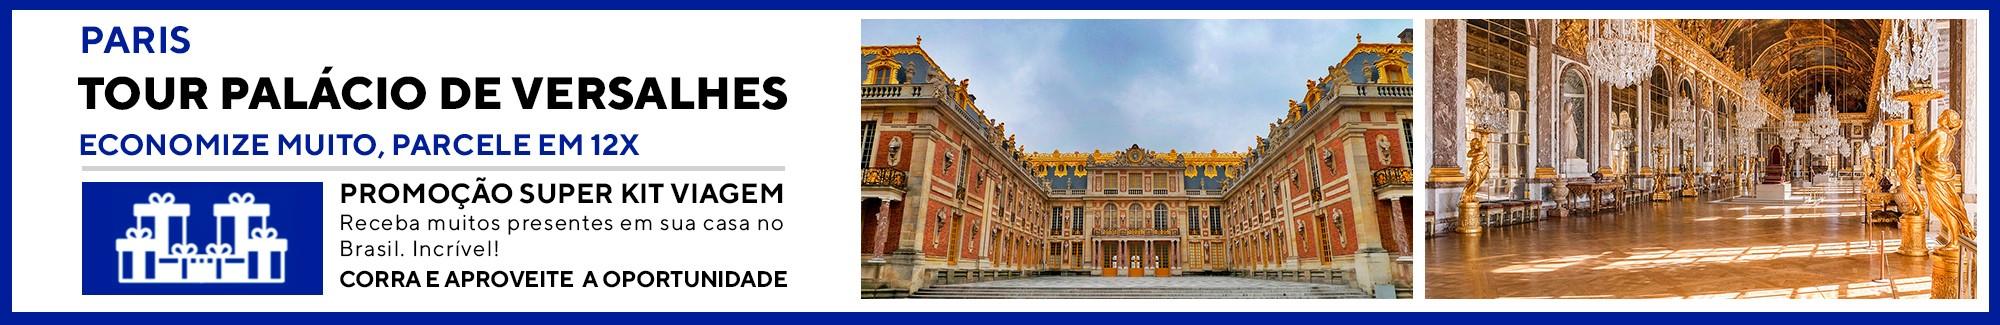 Tour Palácio De Versalhes Paris